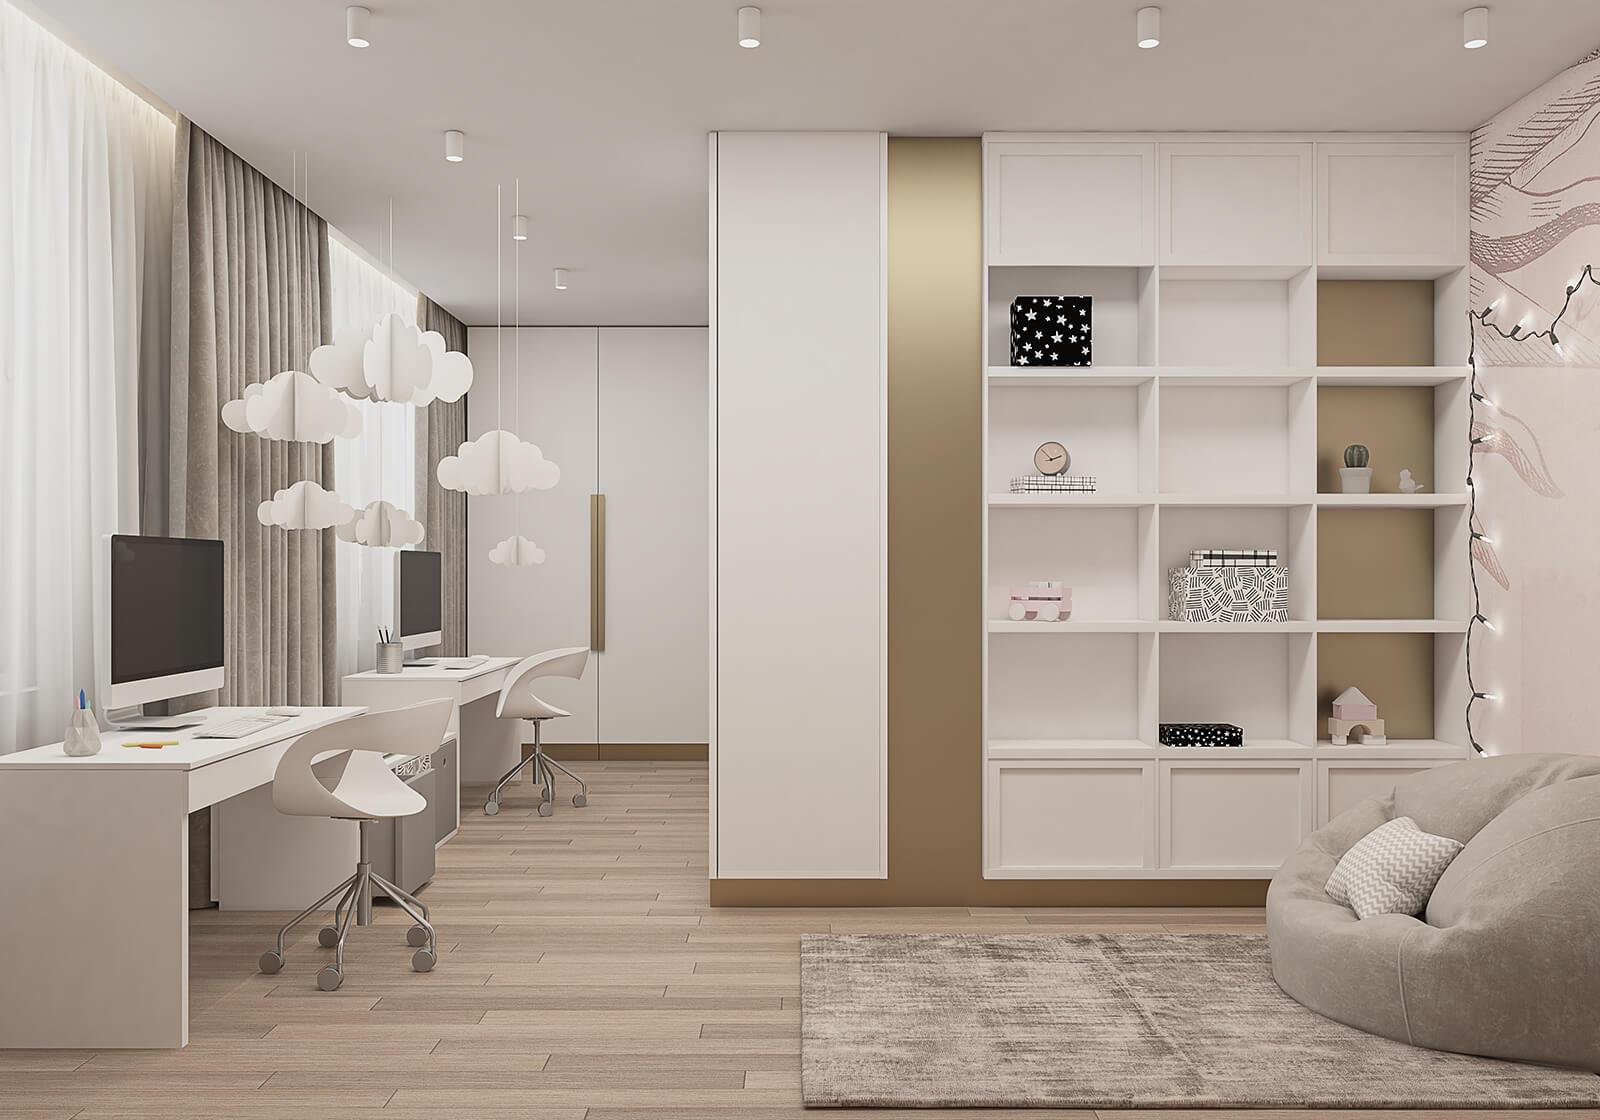 interioren-dizain-proekt-na-detska-staya-za-dve-deca